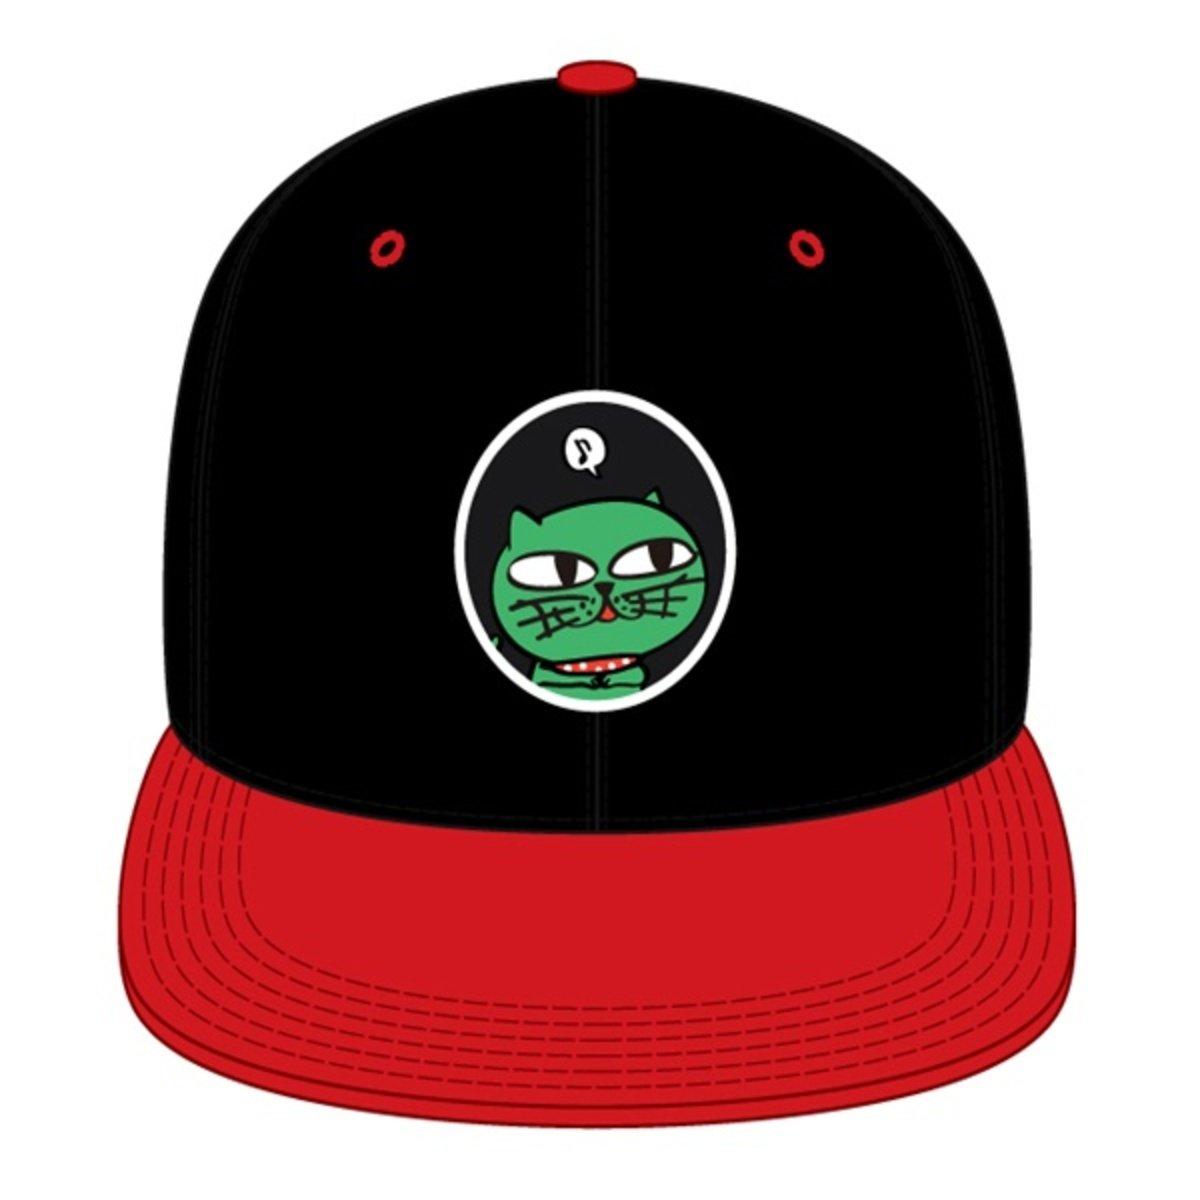 帽 VER2_GD00020397